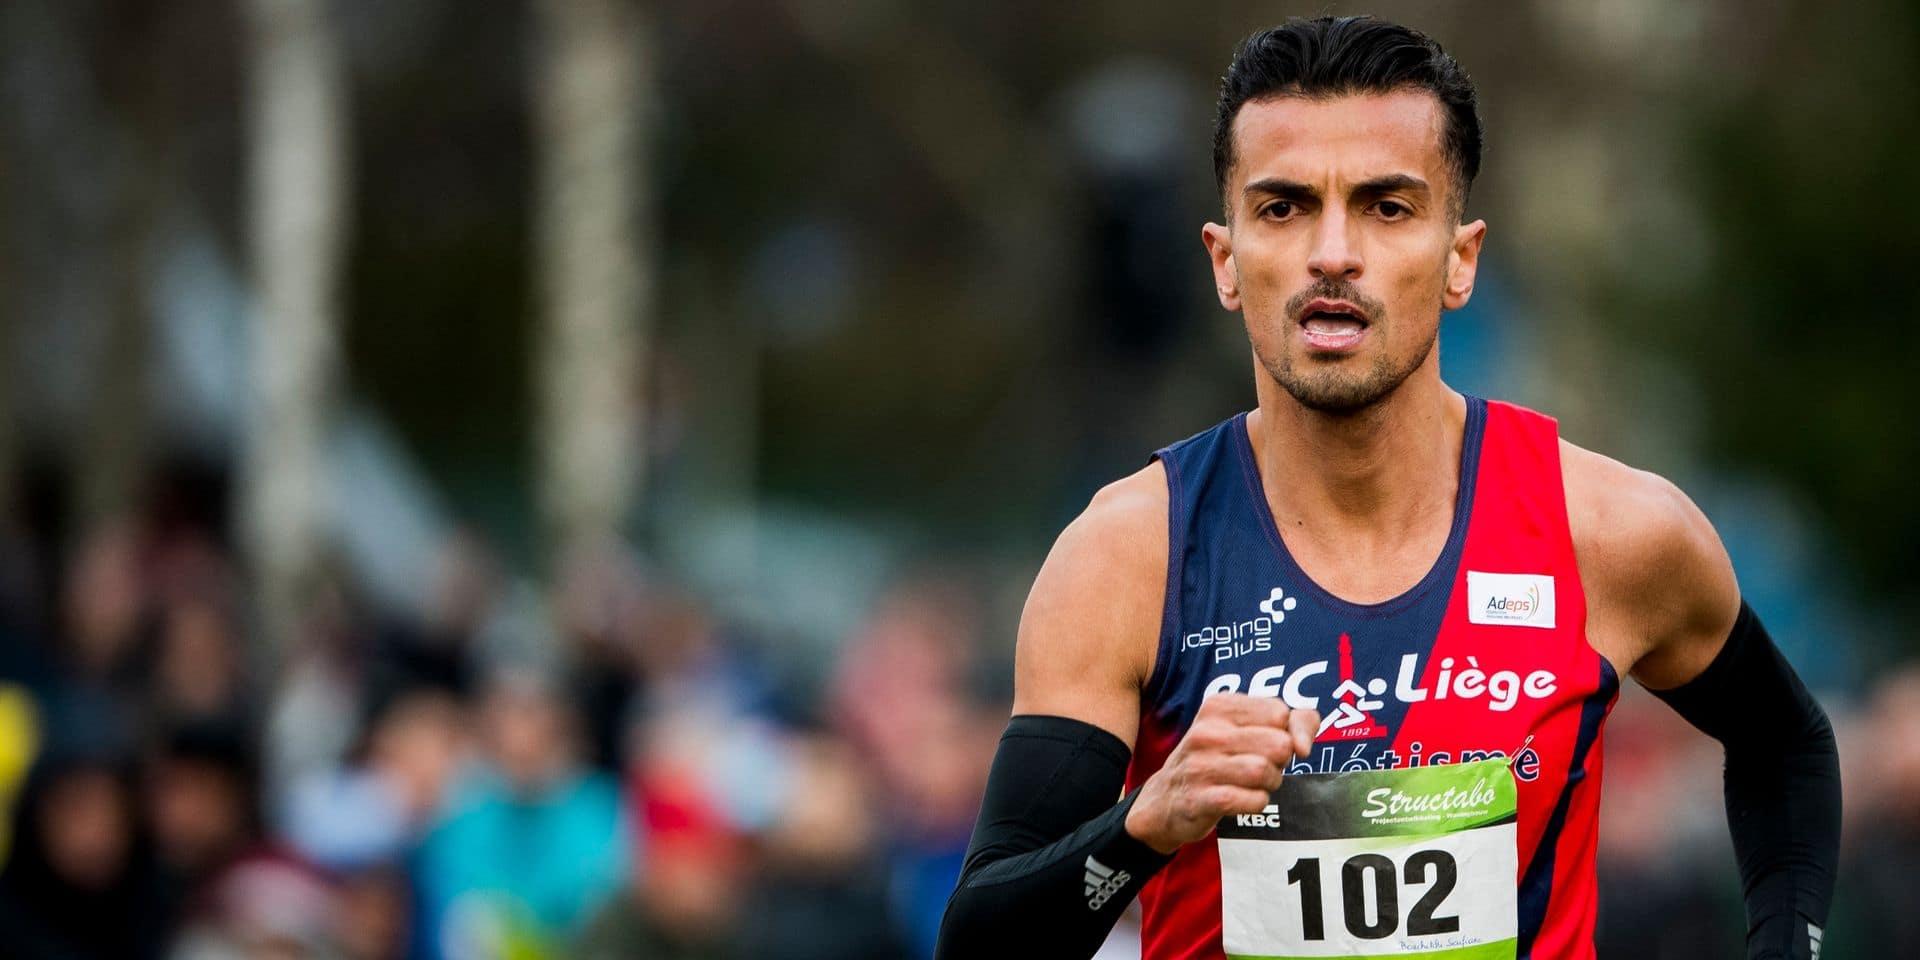 Deuxième marathon en trois semaines : Soufiane Bouchikhi abandonne après 30 km à Sienne